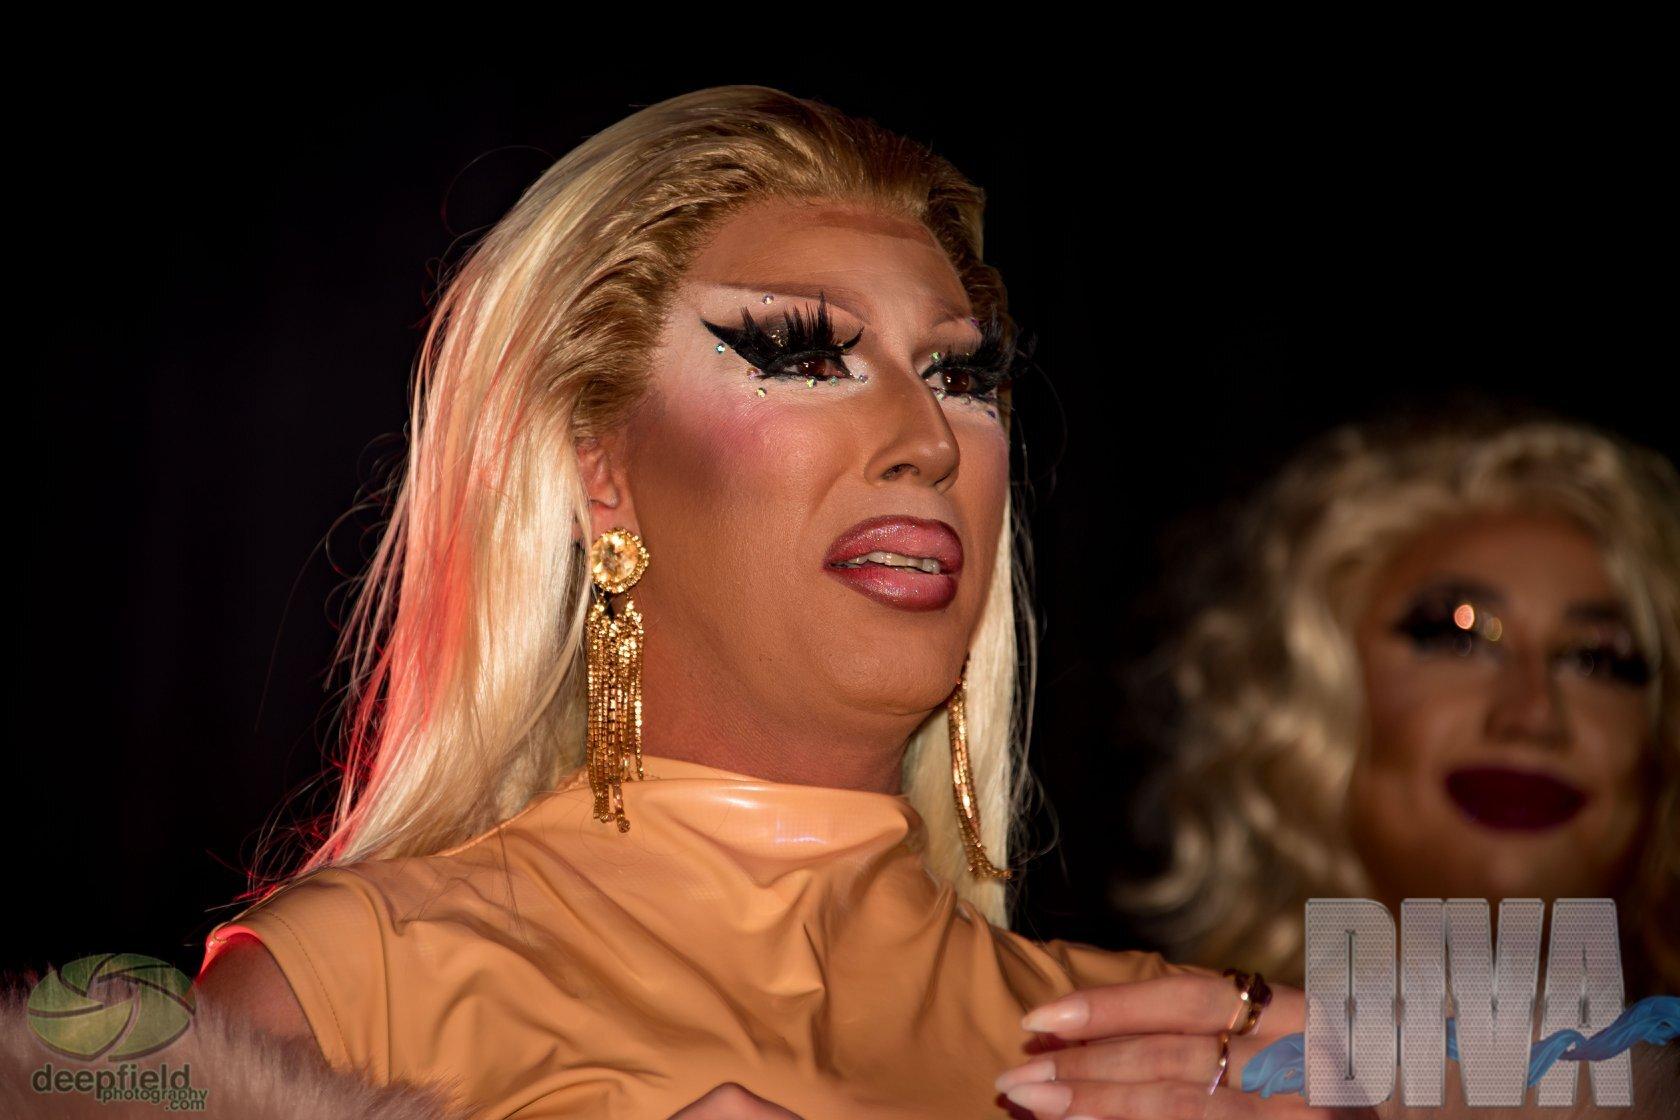 decoda-secret-moment-winner-win-diva-awards-sydney-drag-queen-royalty-best-hire-drag-race-australia (2).jpg